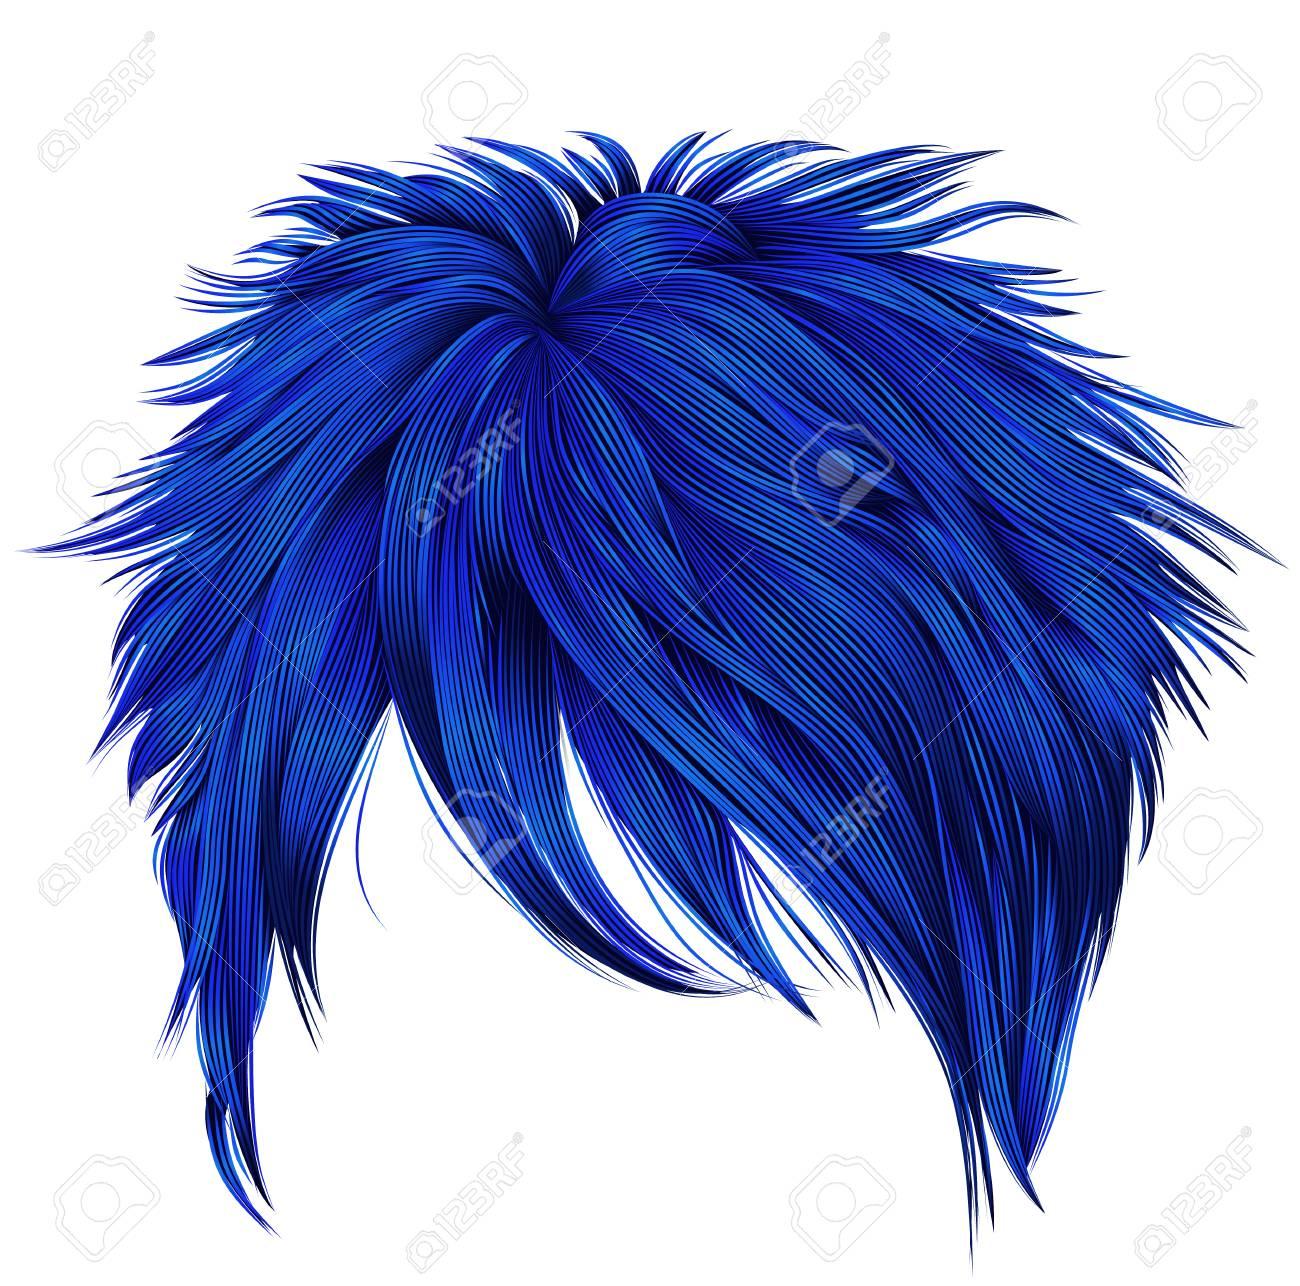 Dunkle Blaue Farben Der Dunklen Haare Der Modischen Frau